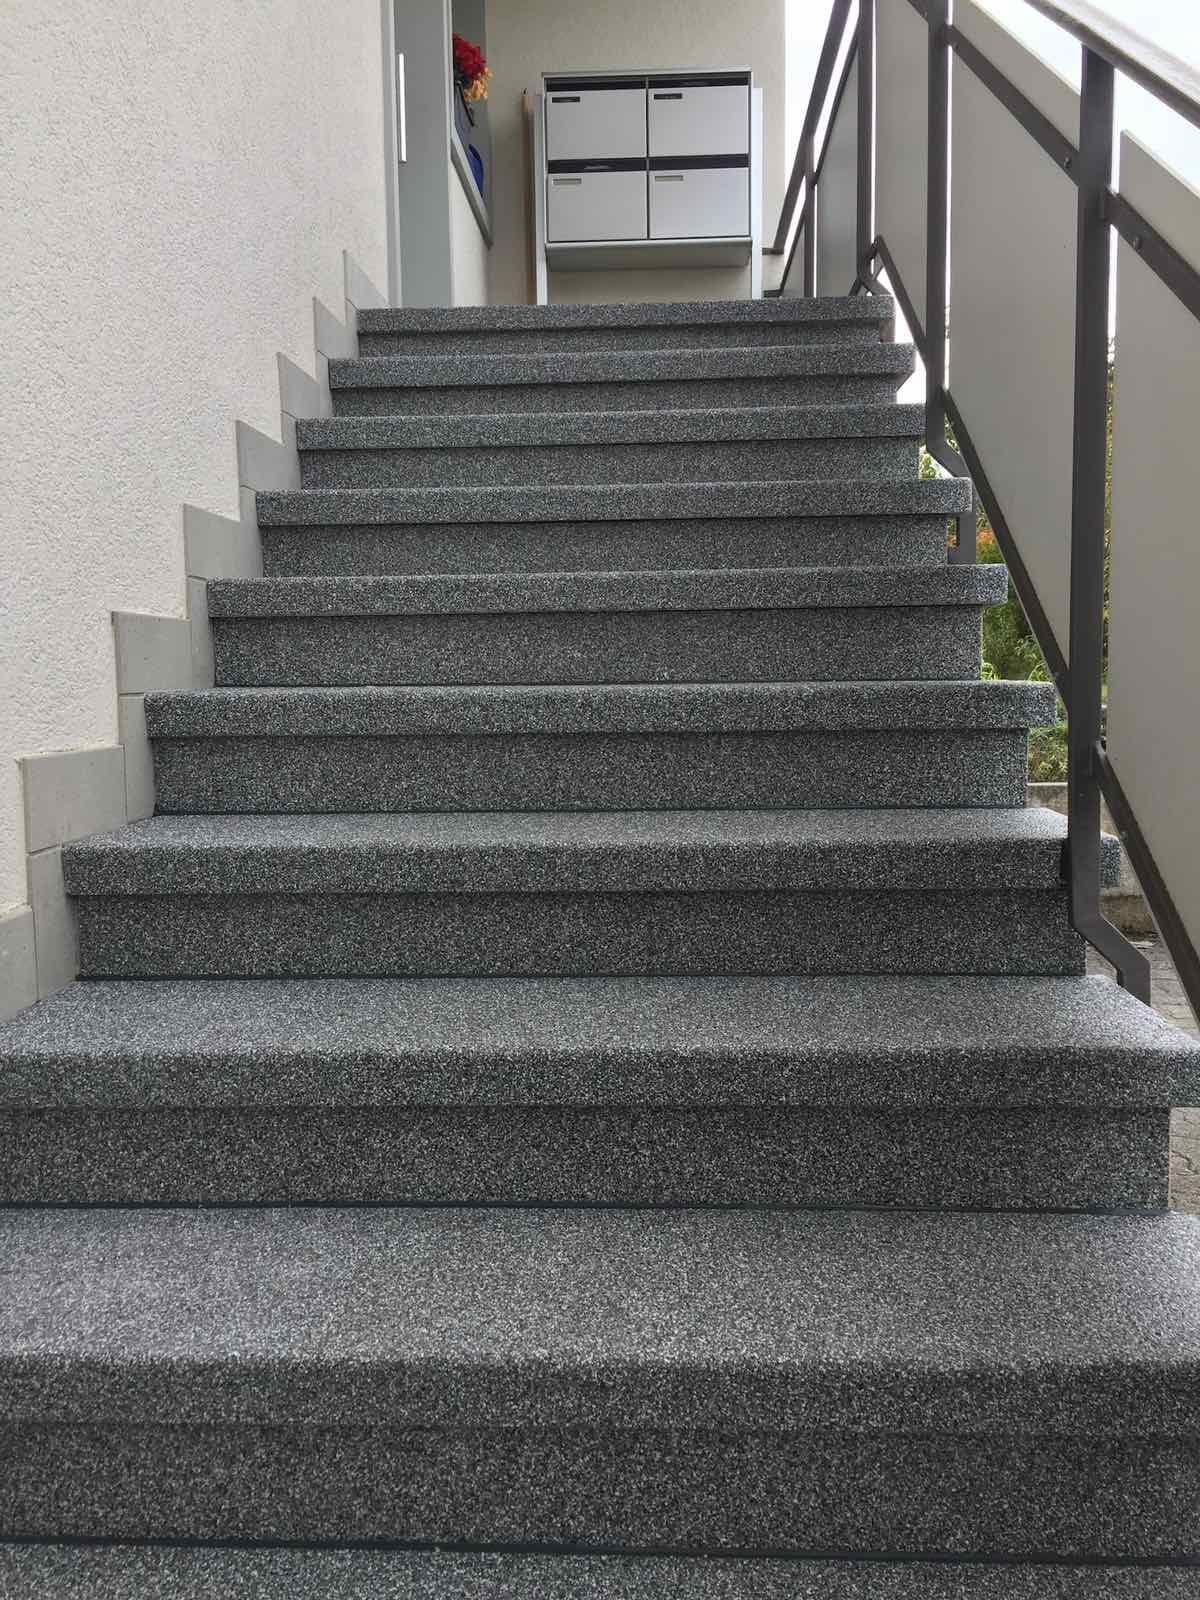 Privat Treppenbeschichtung: Rutschfest & sicher |WB-Tech